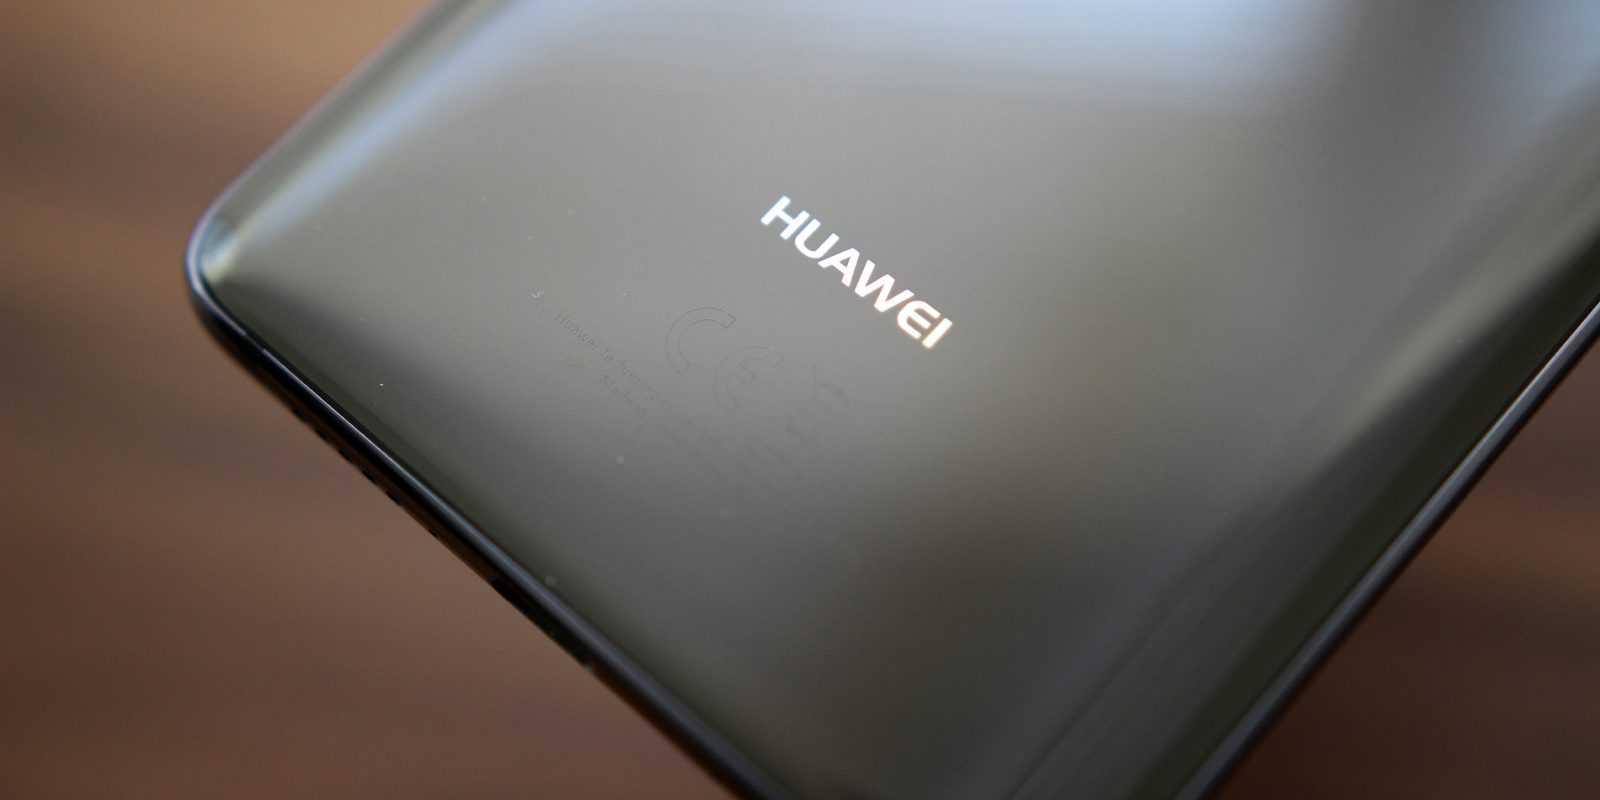 Готов смартфон с камерой под экраном, а huawei занялась автономными машинами: итоги недели